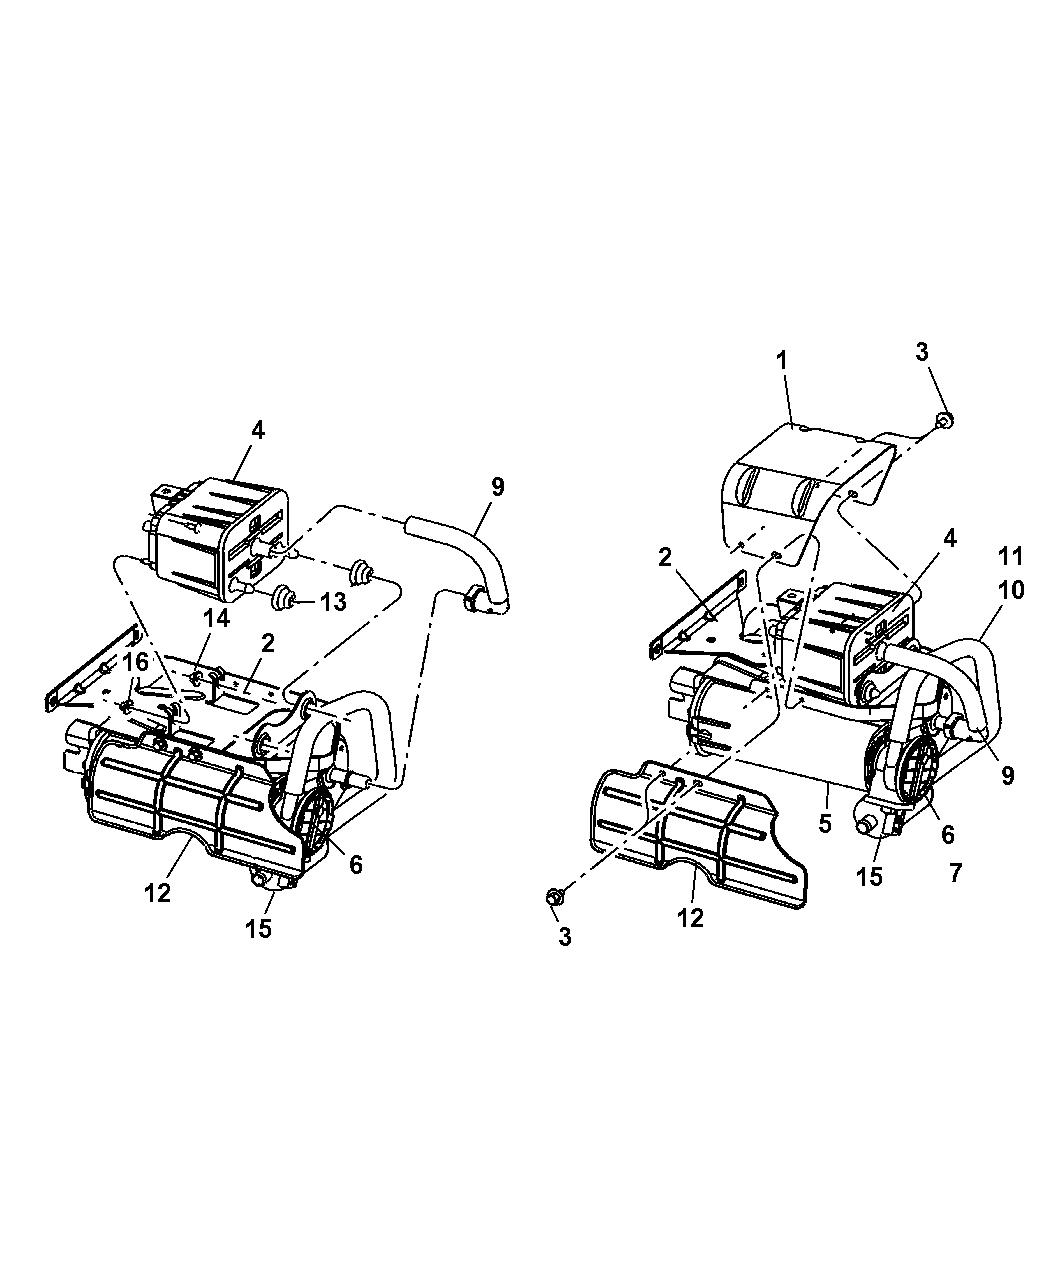 2000 Dodge Dakota Engine Diagram Dodge Ram 1500 Vacuum Diagram 2005